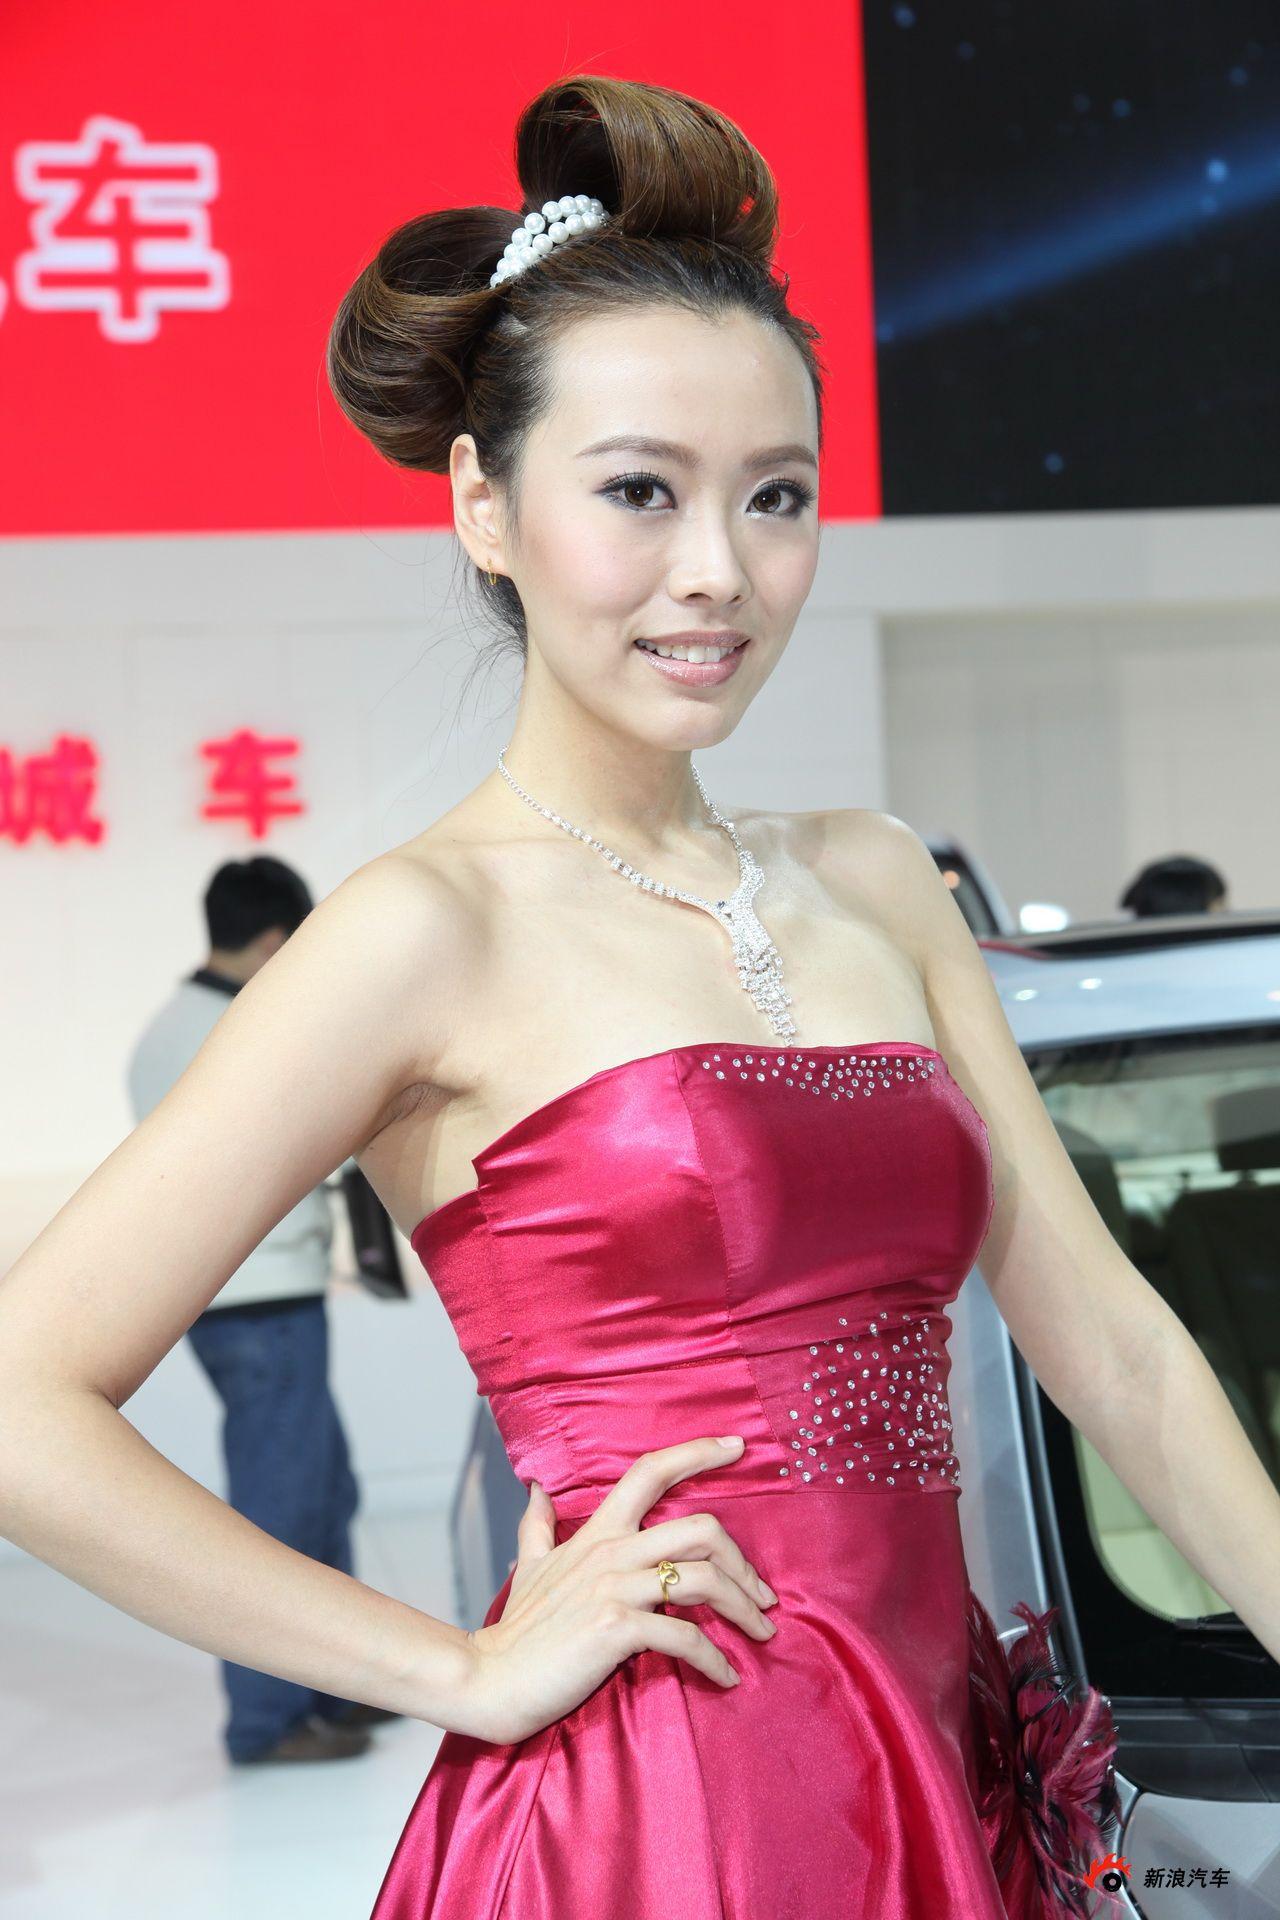 长城展台3号模特